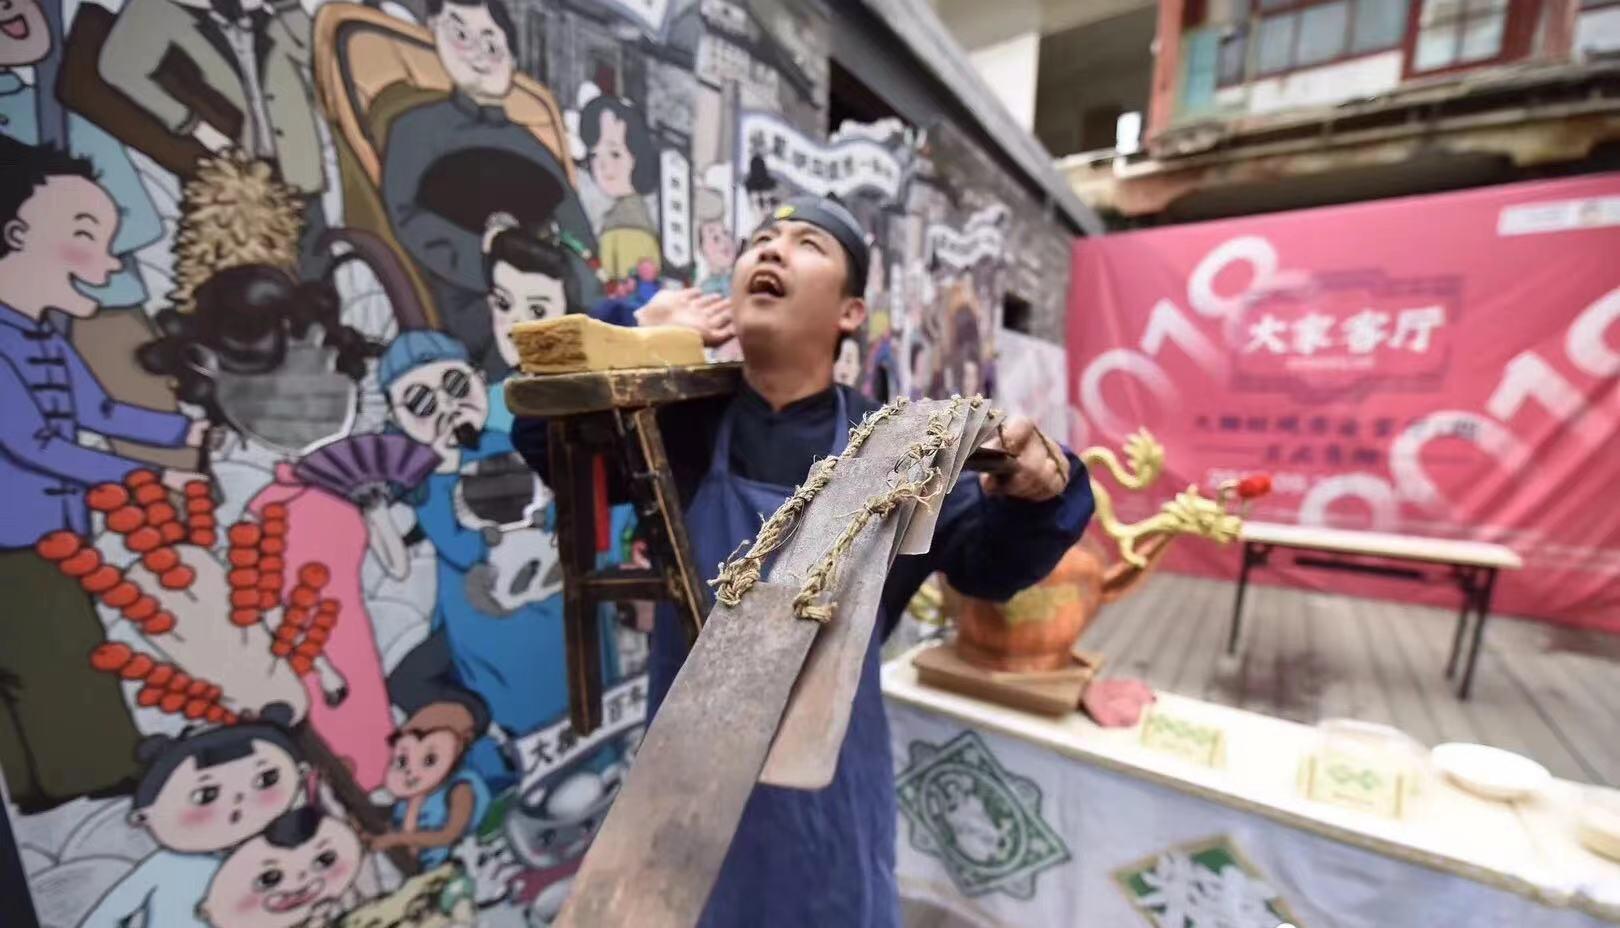 北京正明圣达图文设计有限公司郑光荣和北京正明圣达老北京叫卖艺术团郑光荣活动现场表演精彩吆喝叫卖图片呈现